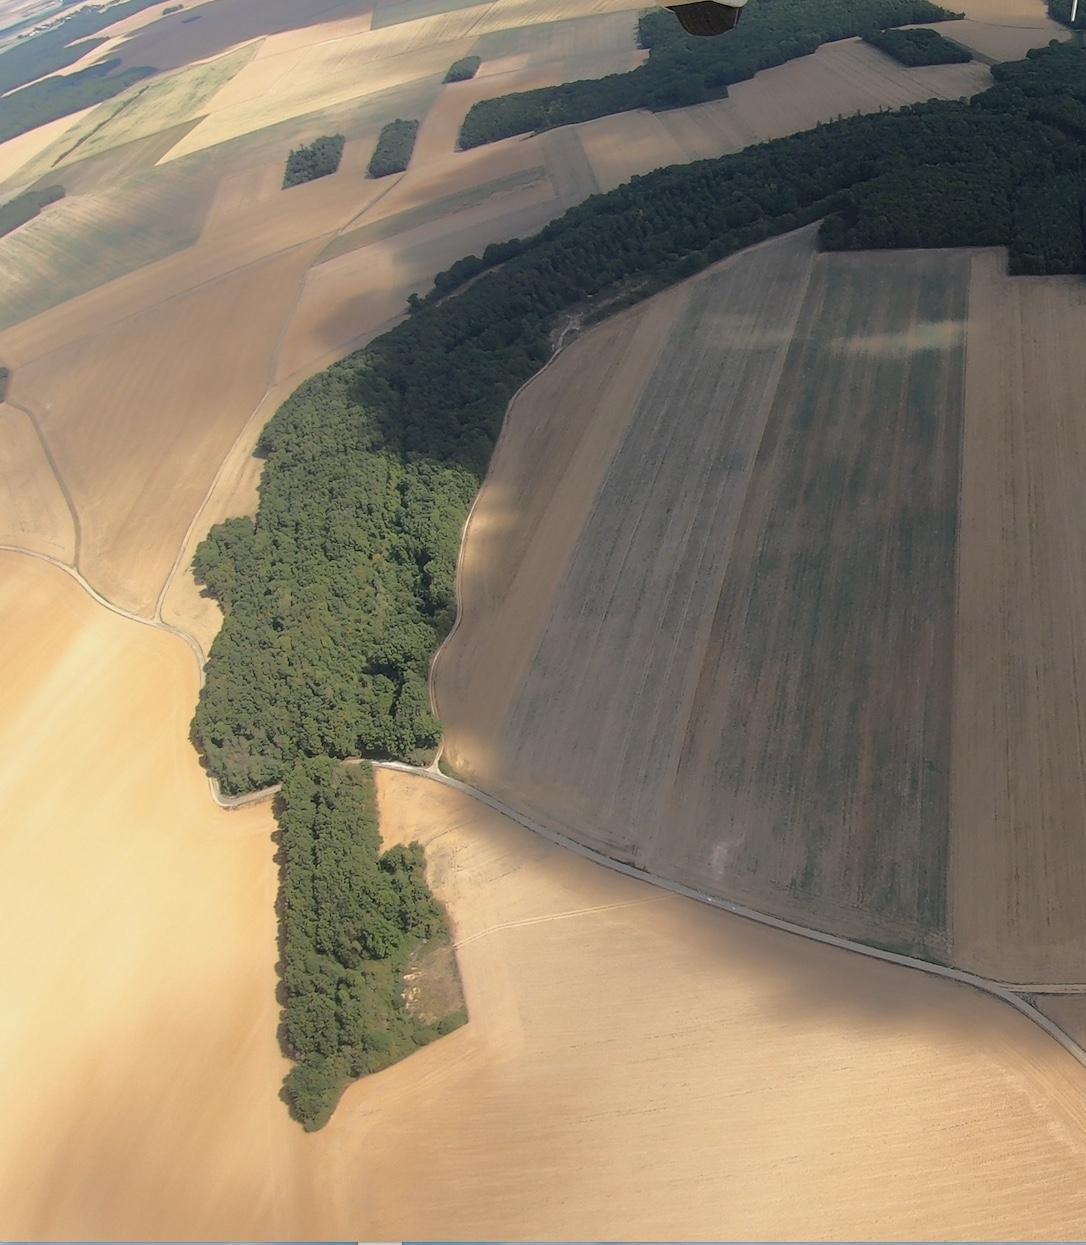 lidar-topographie-imagerie-aerienne-vue-ulm